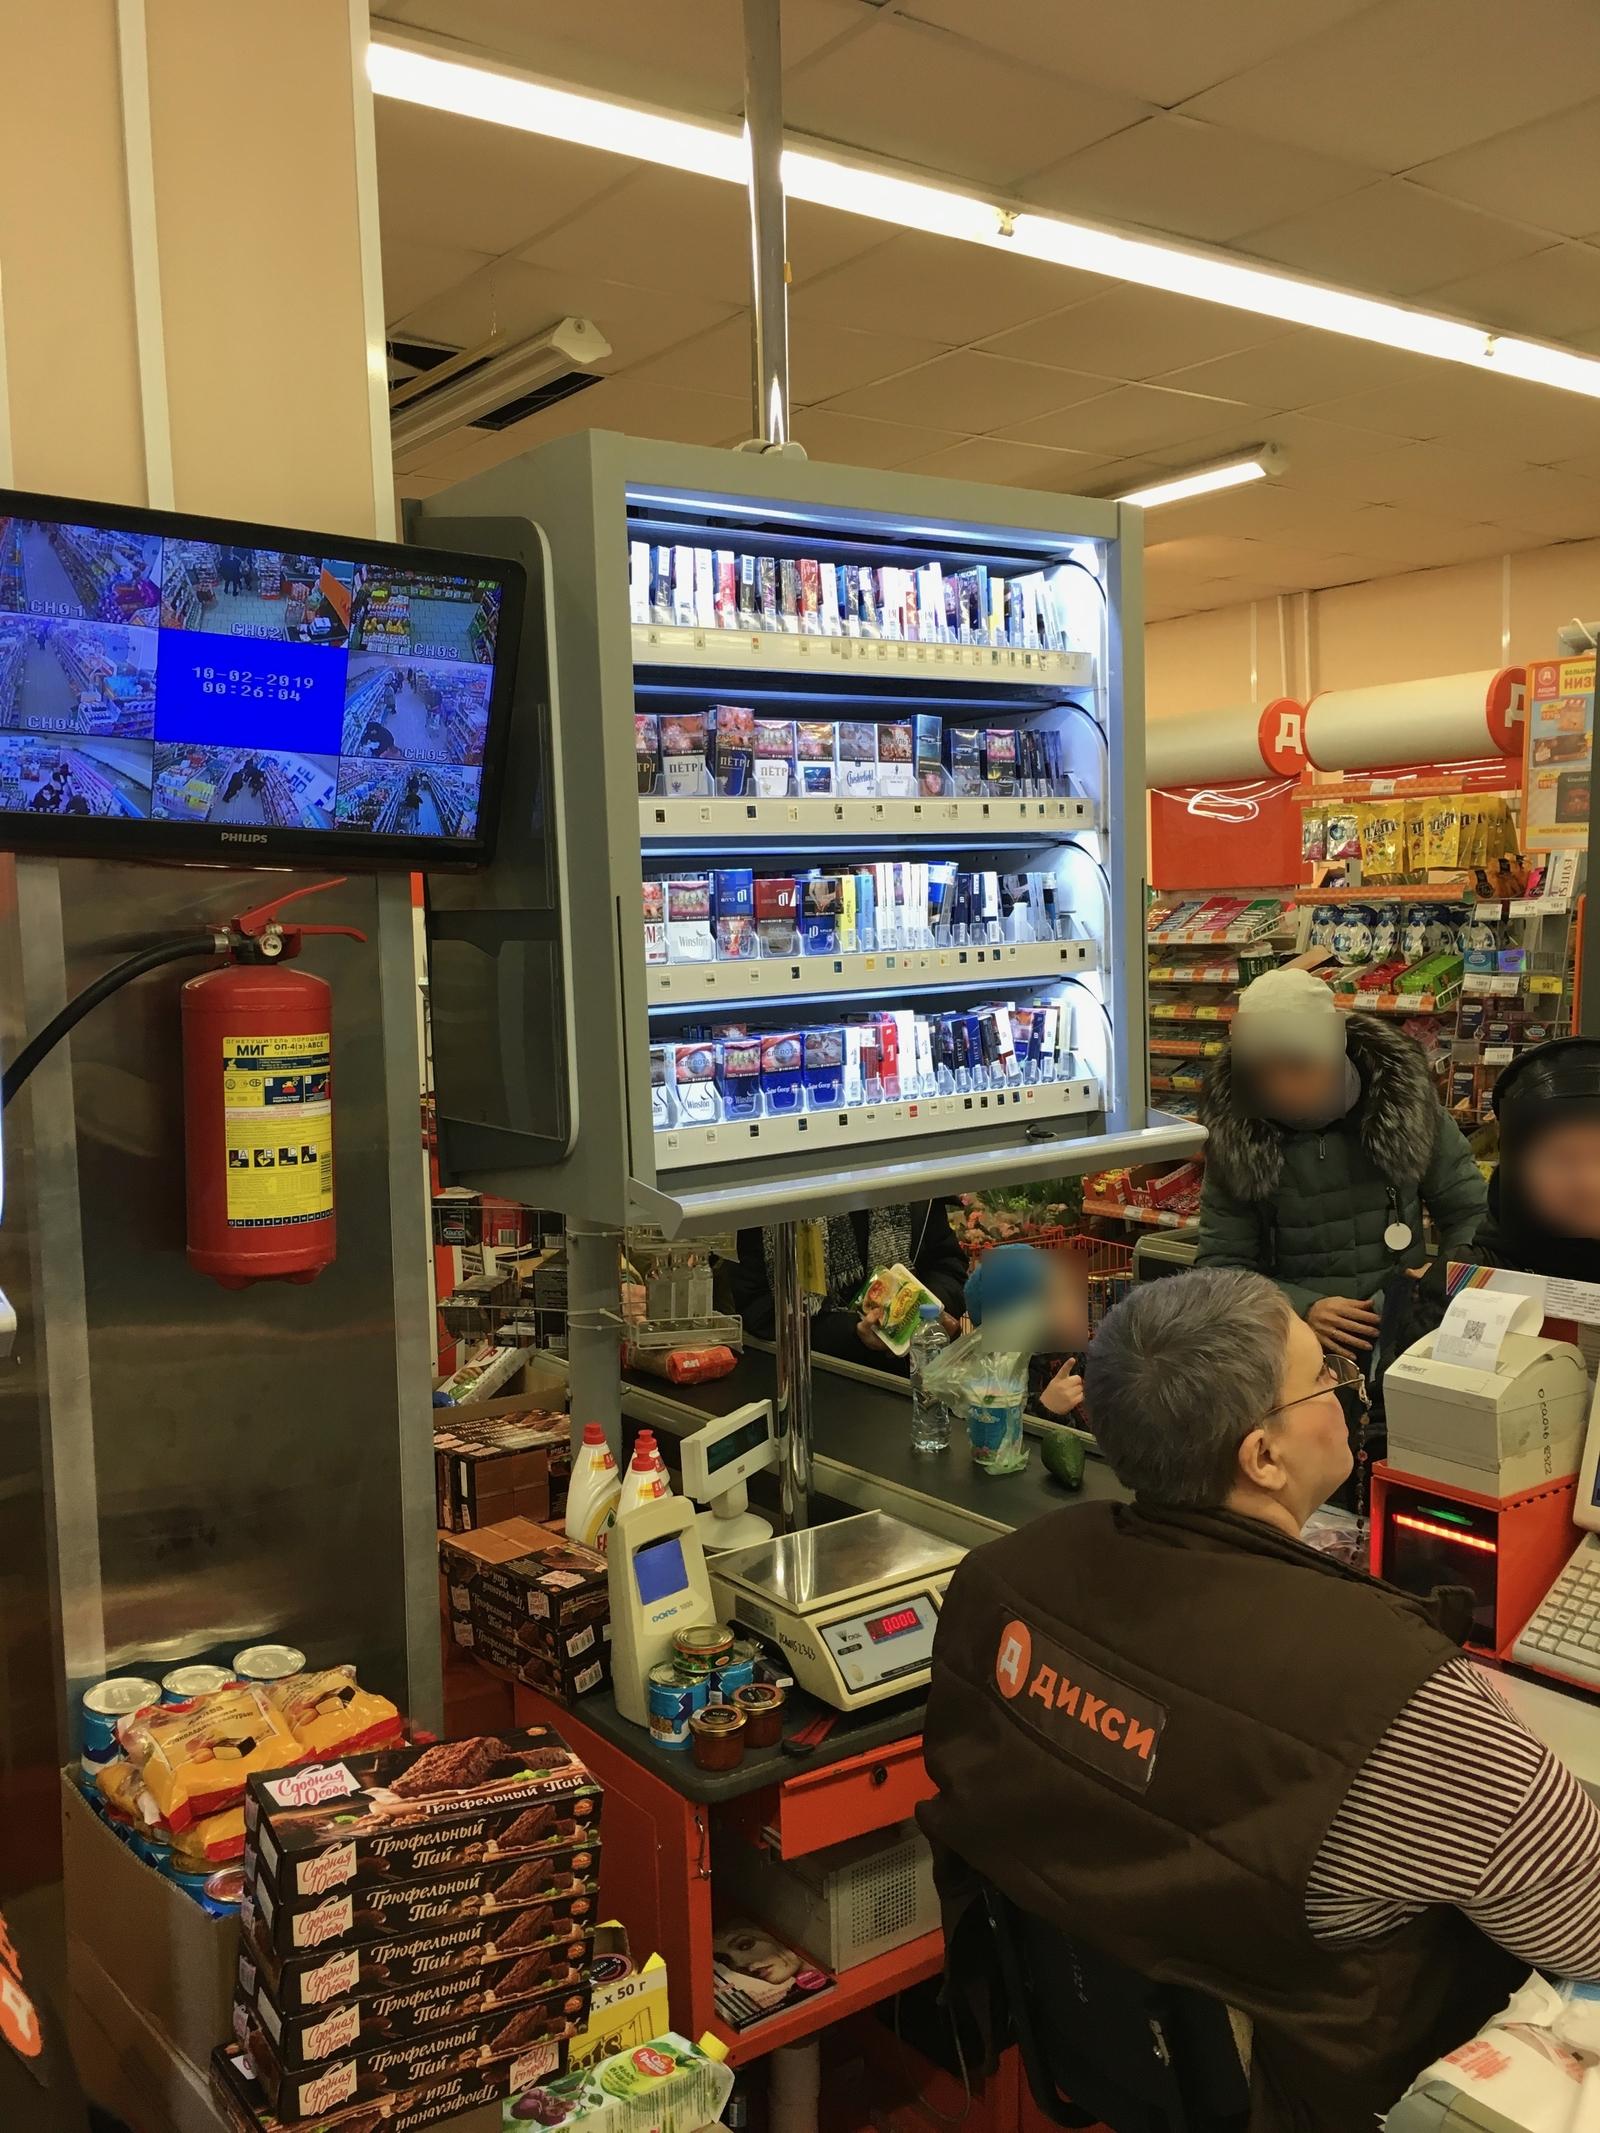 Где можно купить сигареты в санкт петербурге магазин электронные сигареты купить в интернет магазине в китае